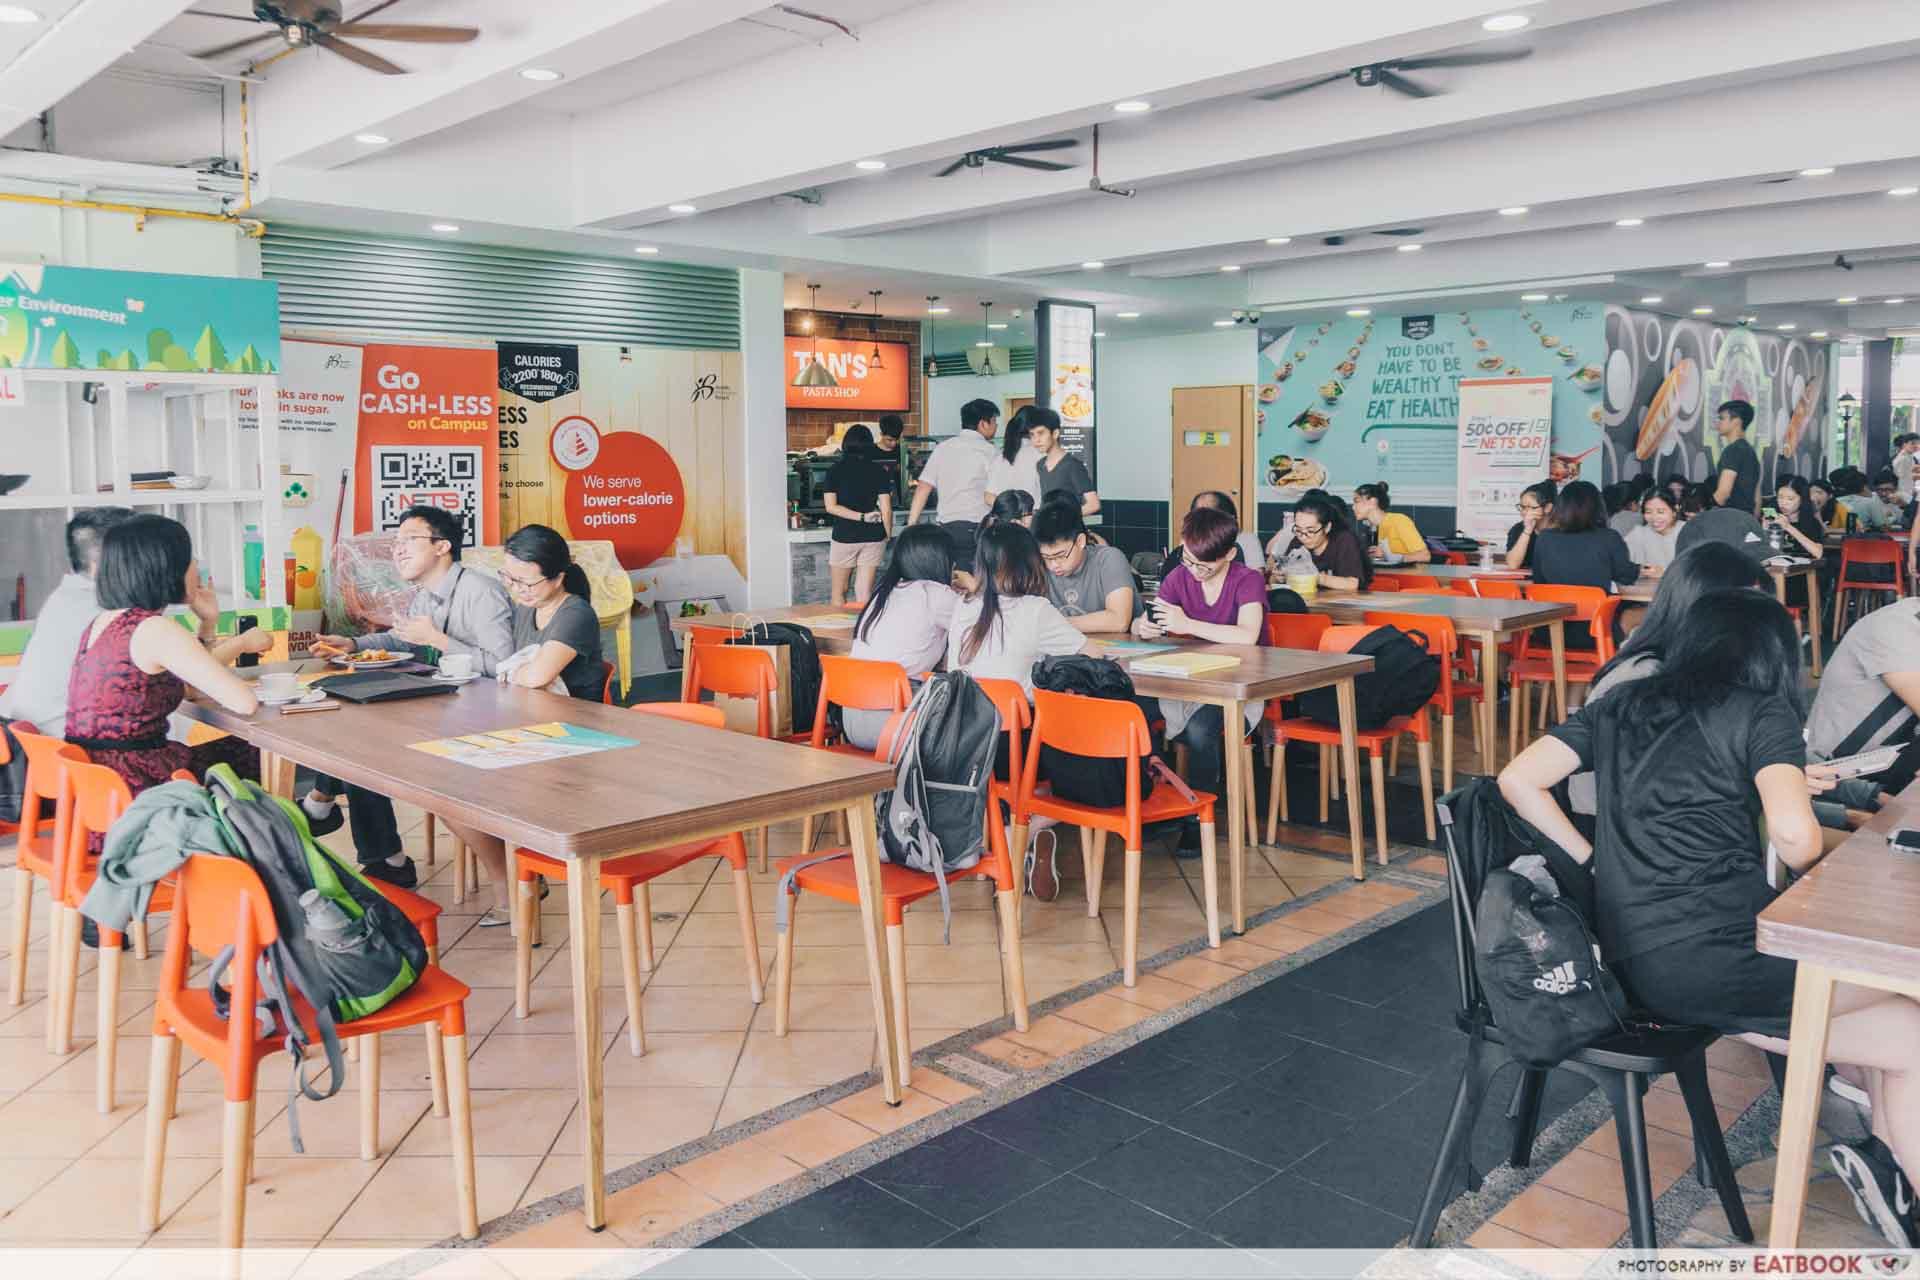 Tan's Pasta Shop Seats